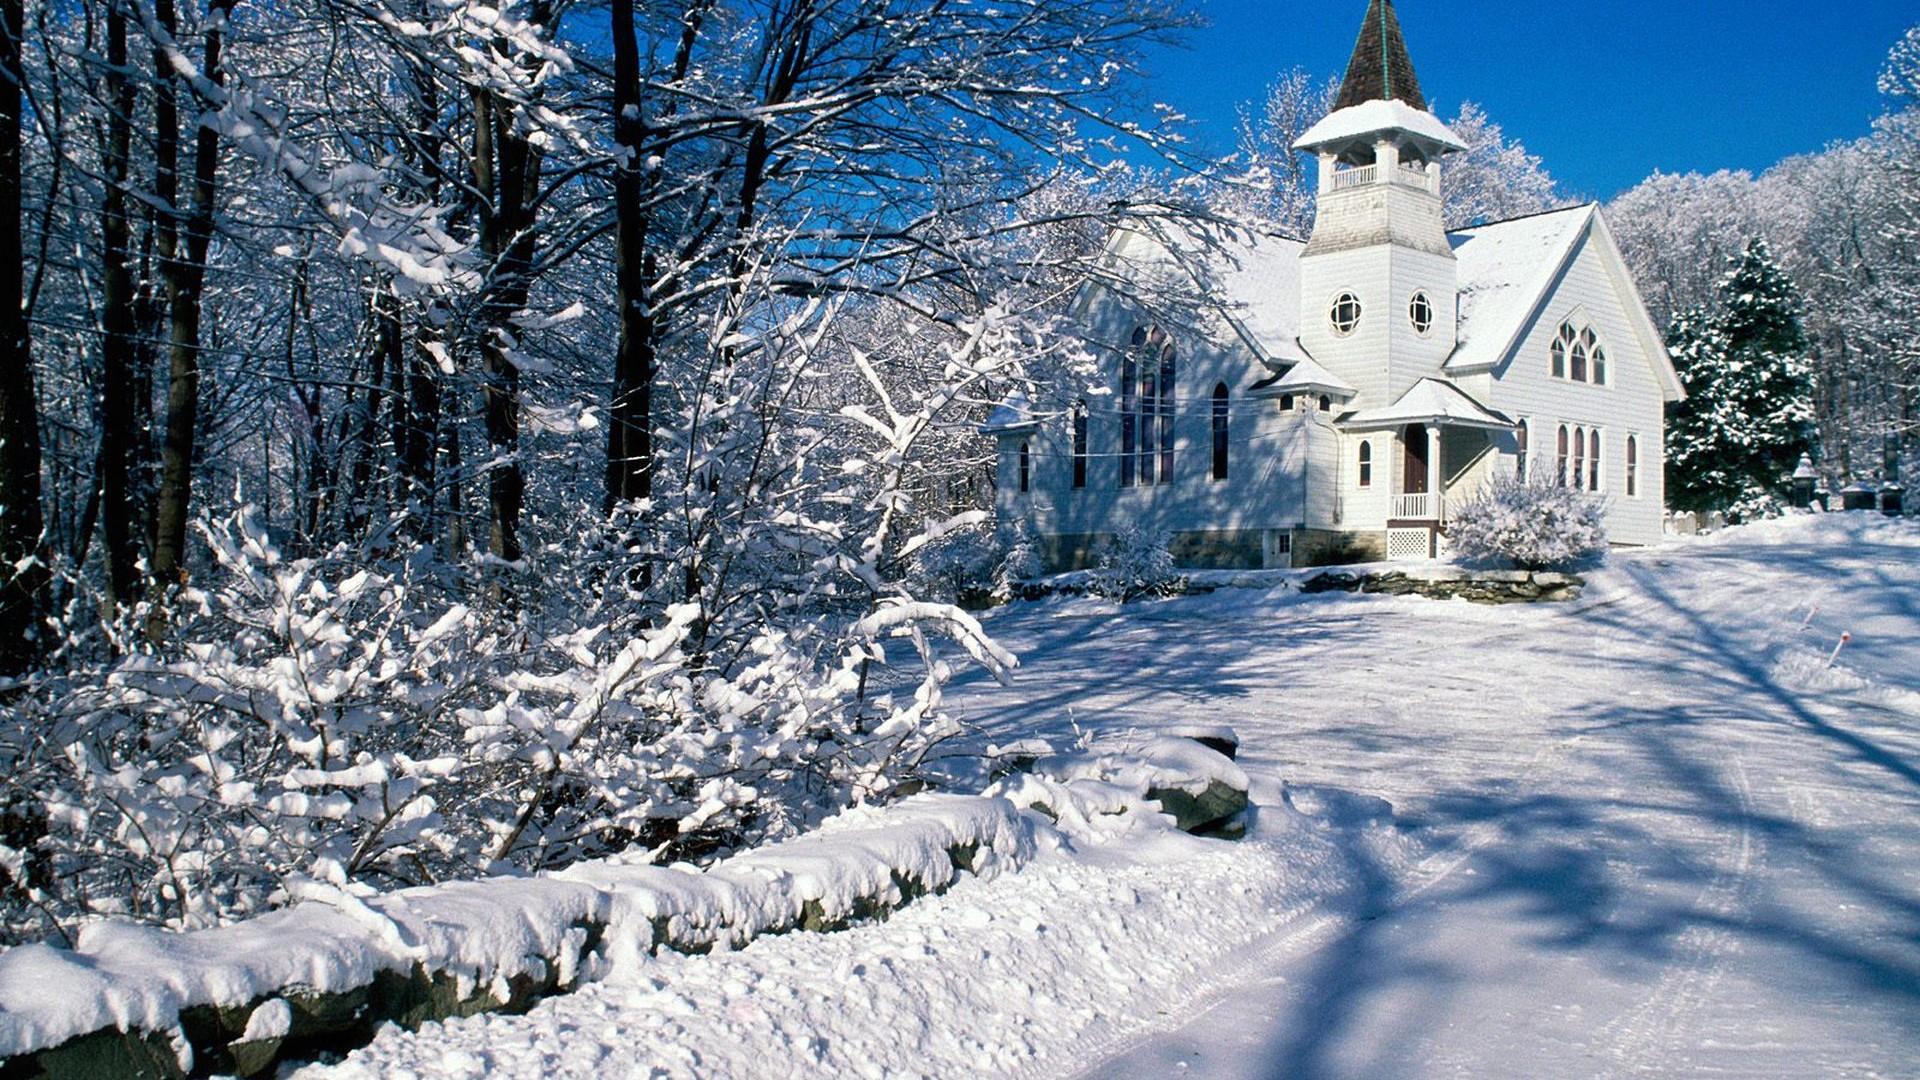 桌面壁纸_故宫雪景壁纸_壁纸 风景 雪景_雪景电脑 .